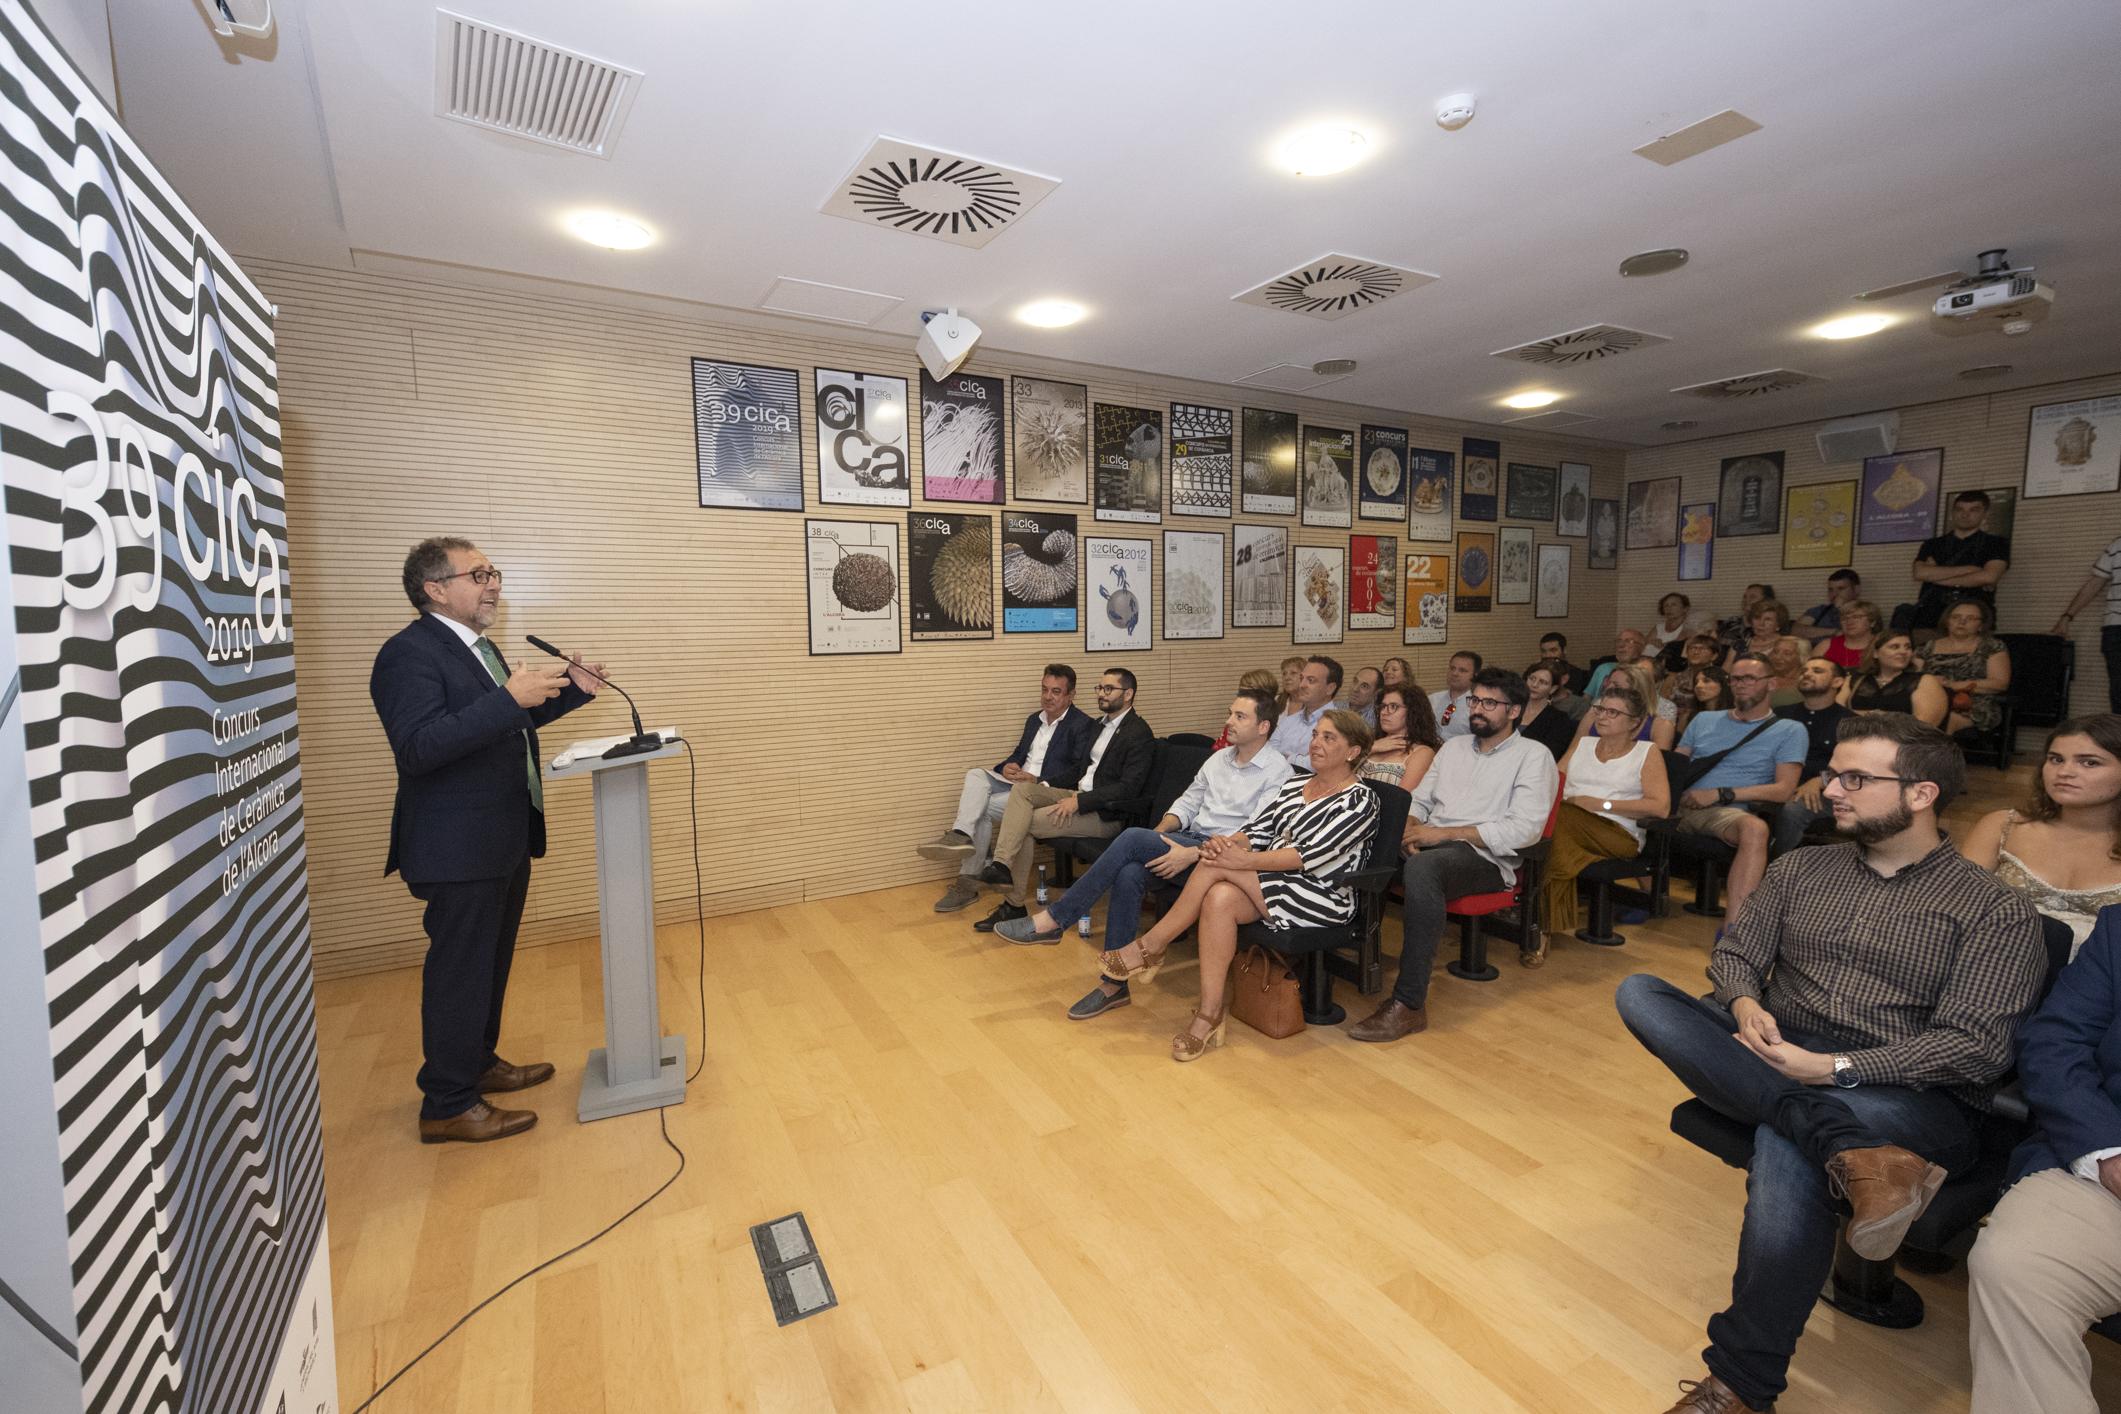 La Diputación impulsa proyectos para llevar la cerámica a los 135 municipios de la provincia de Castelló